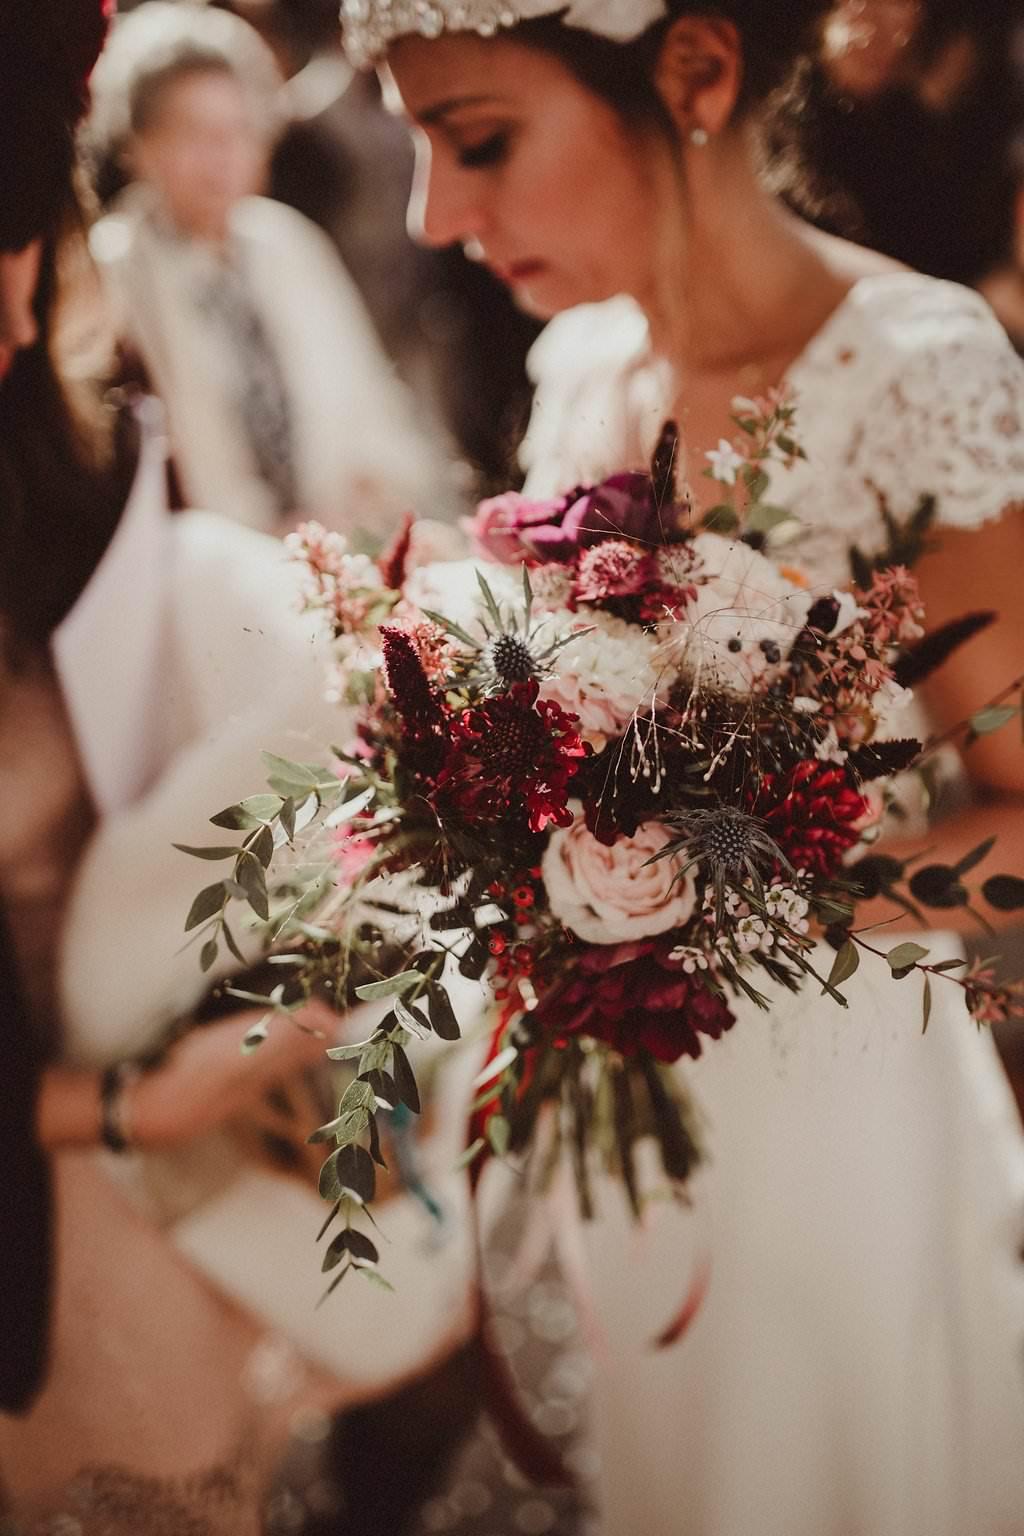 wedding-photographer-dordogne-photographe-mariage-Biarritz-bordeaux-france-steven-bassilieaux-photo-70.jpg